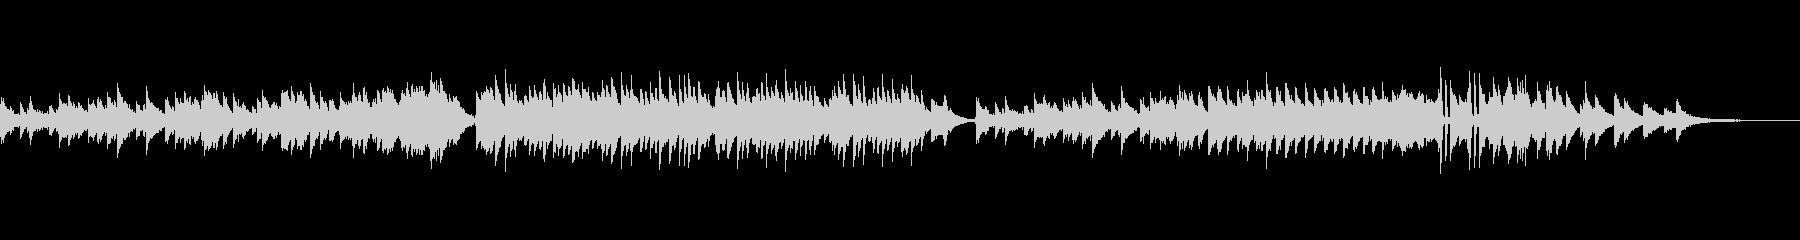 ピアノオンリーの綺麗な楽曲の未再生の波形